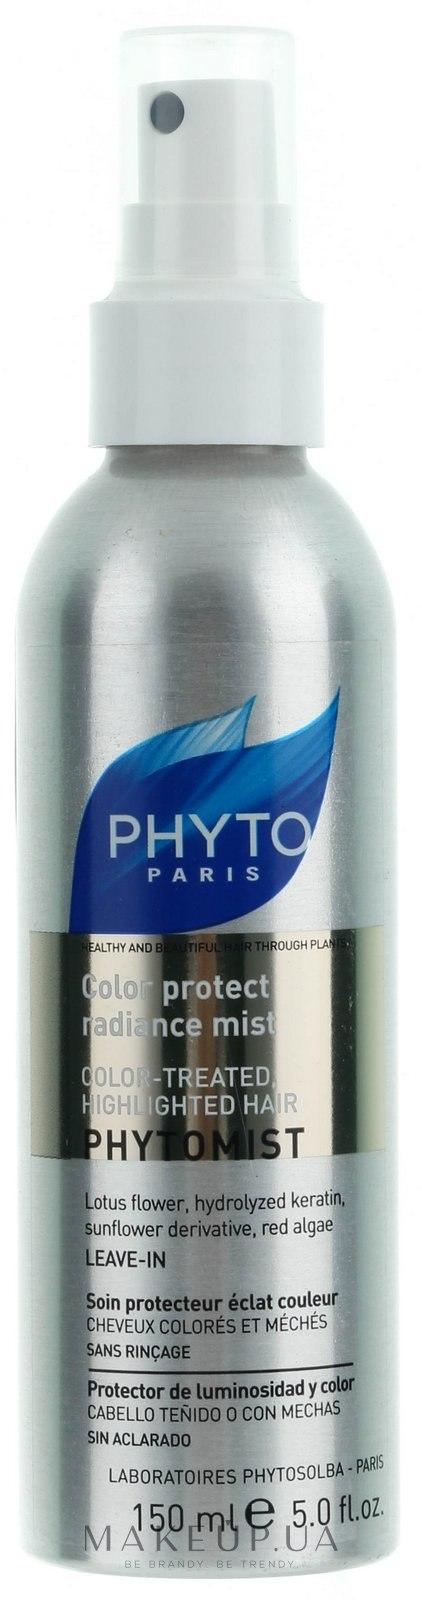 phytomist